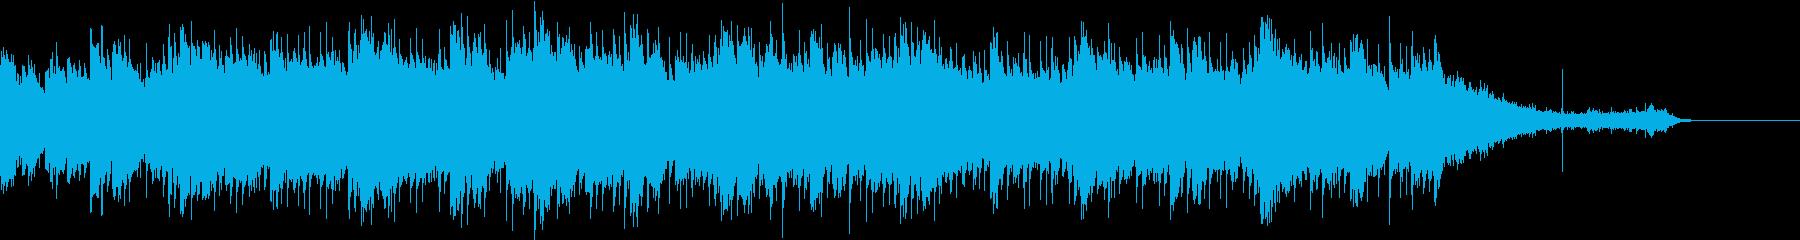 雨・不穏・ミステリアスなピアノBGMの再生済みの波形